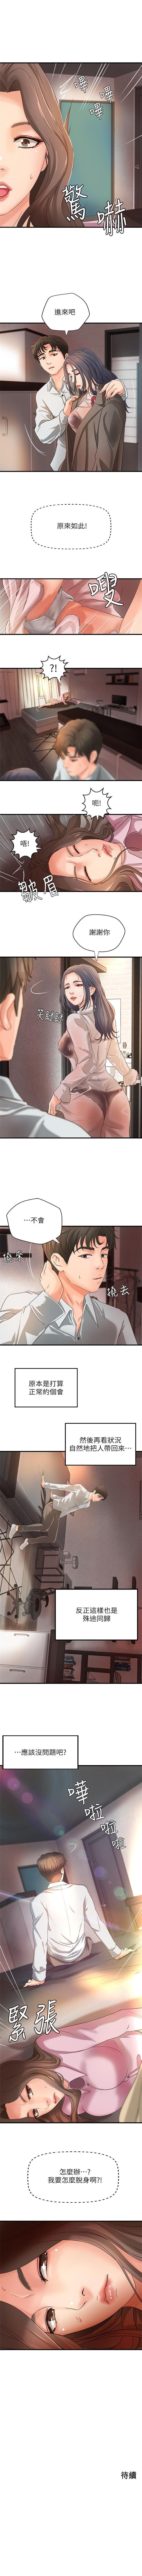 (週1)御姐的實戰教學 1-15 中文翻譯(更新中) 89